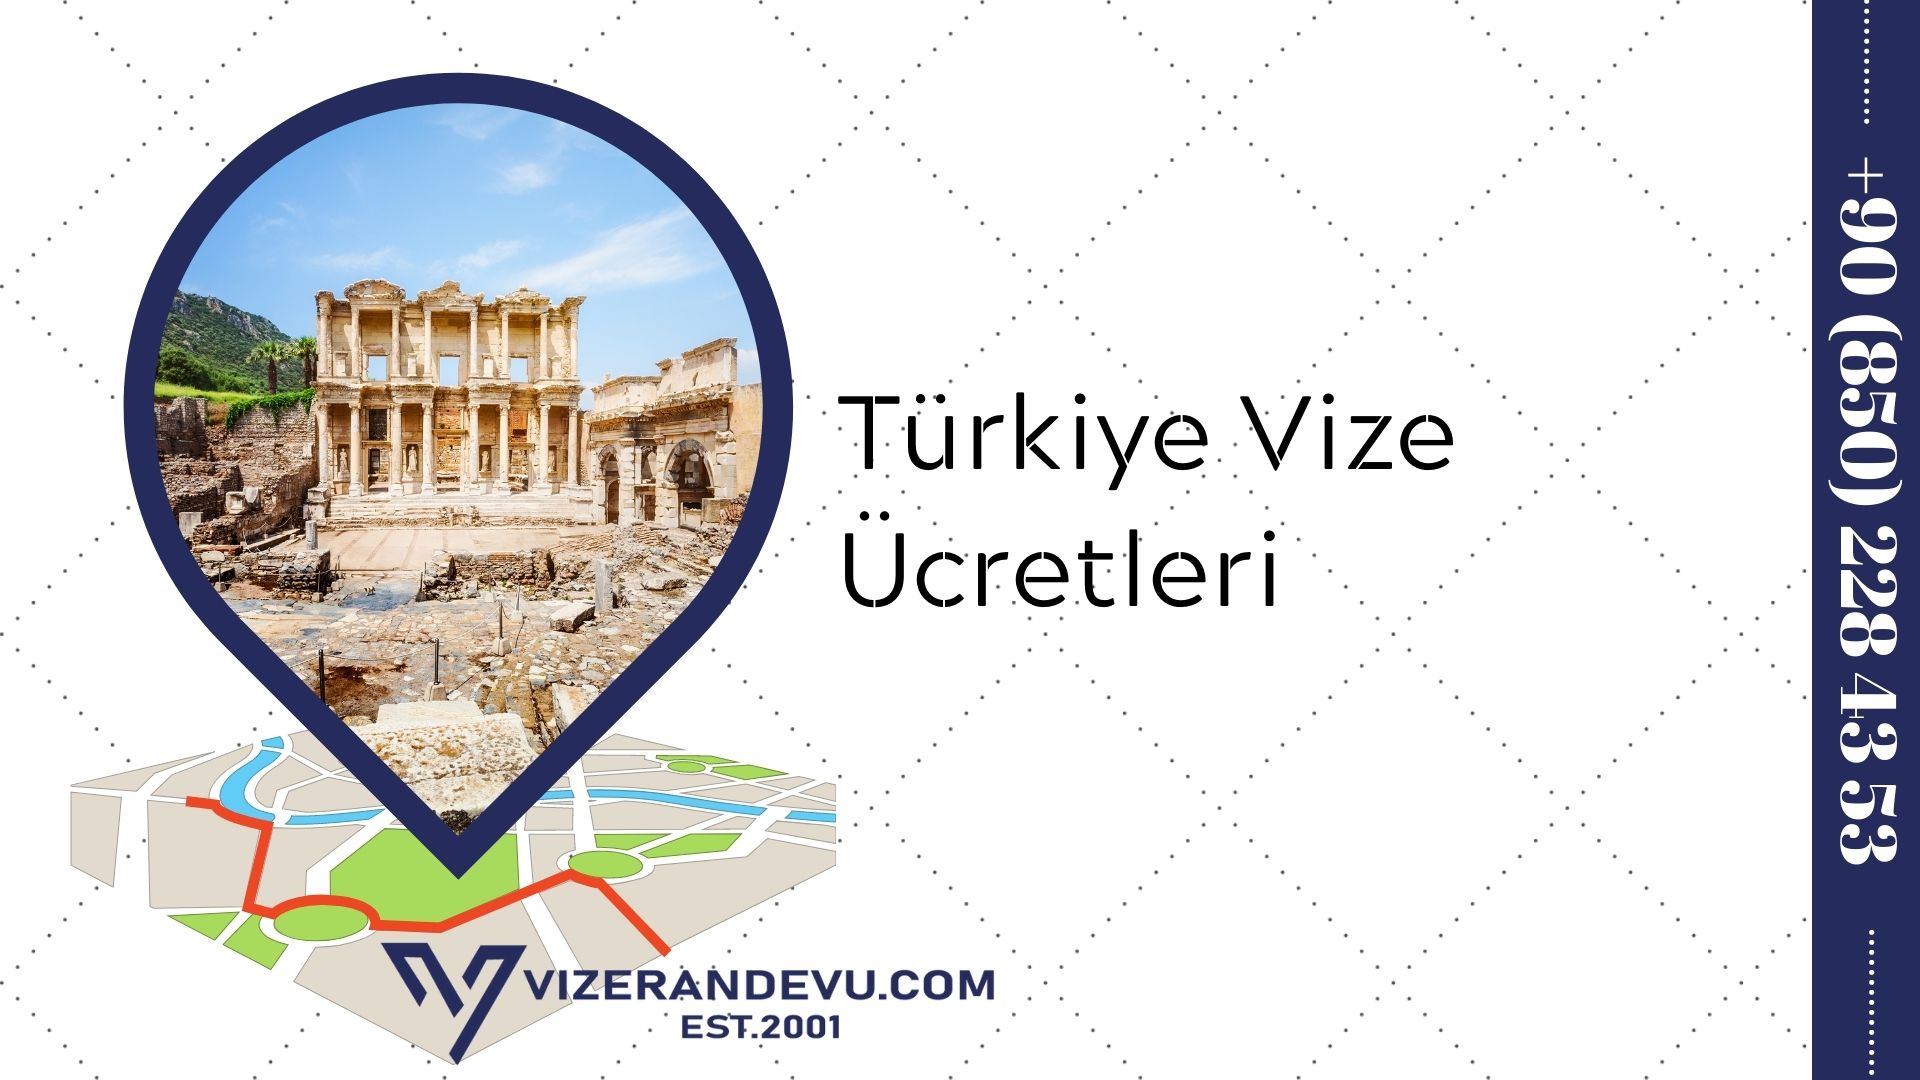 Türkiye Vize Ücretleri